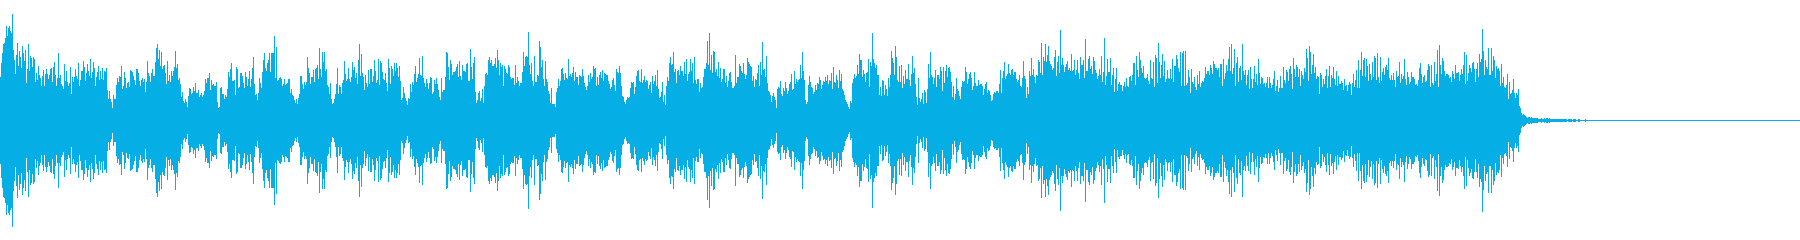 アイリッシュギターアコーディオンジングルの再生済みの波形